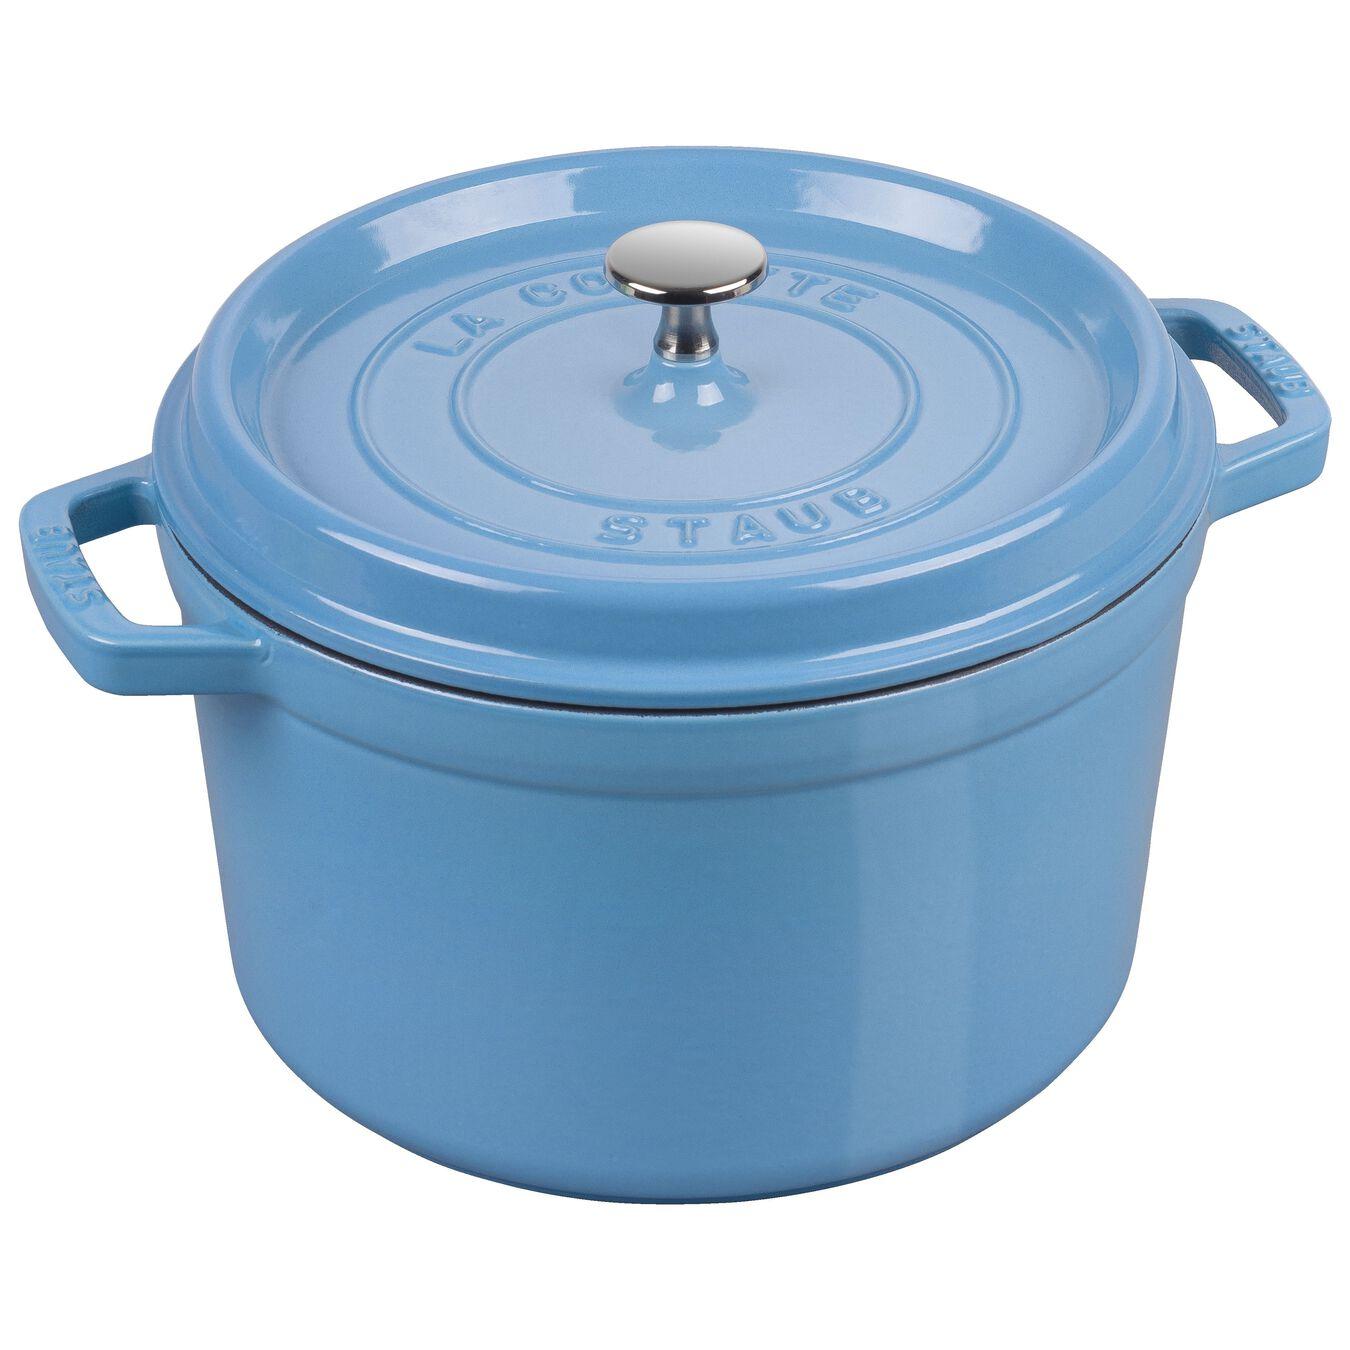 4,75 l Cast iron round Poêle à frire en fonte, Ice-Blue,,large 1